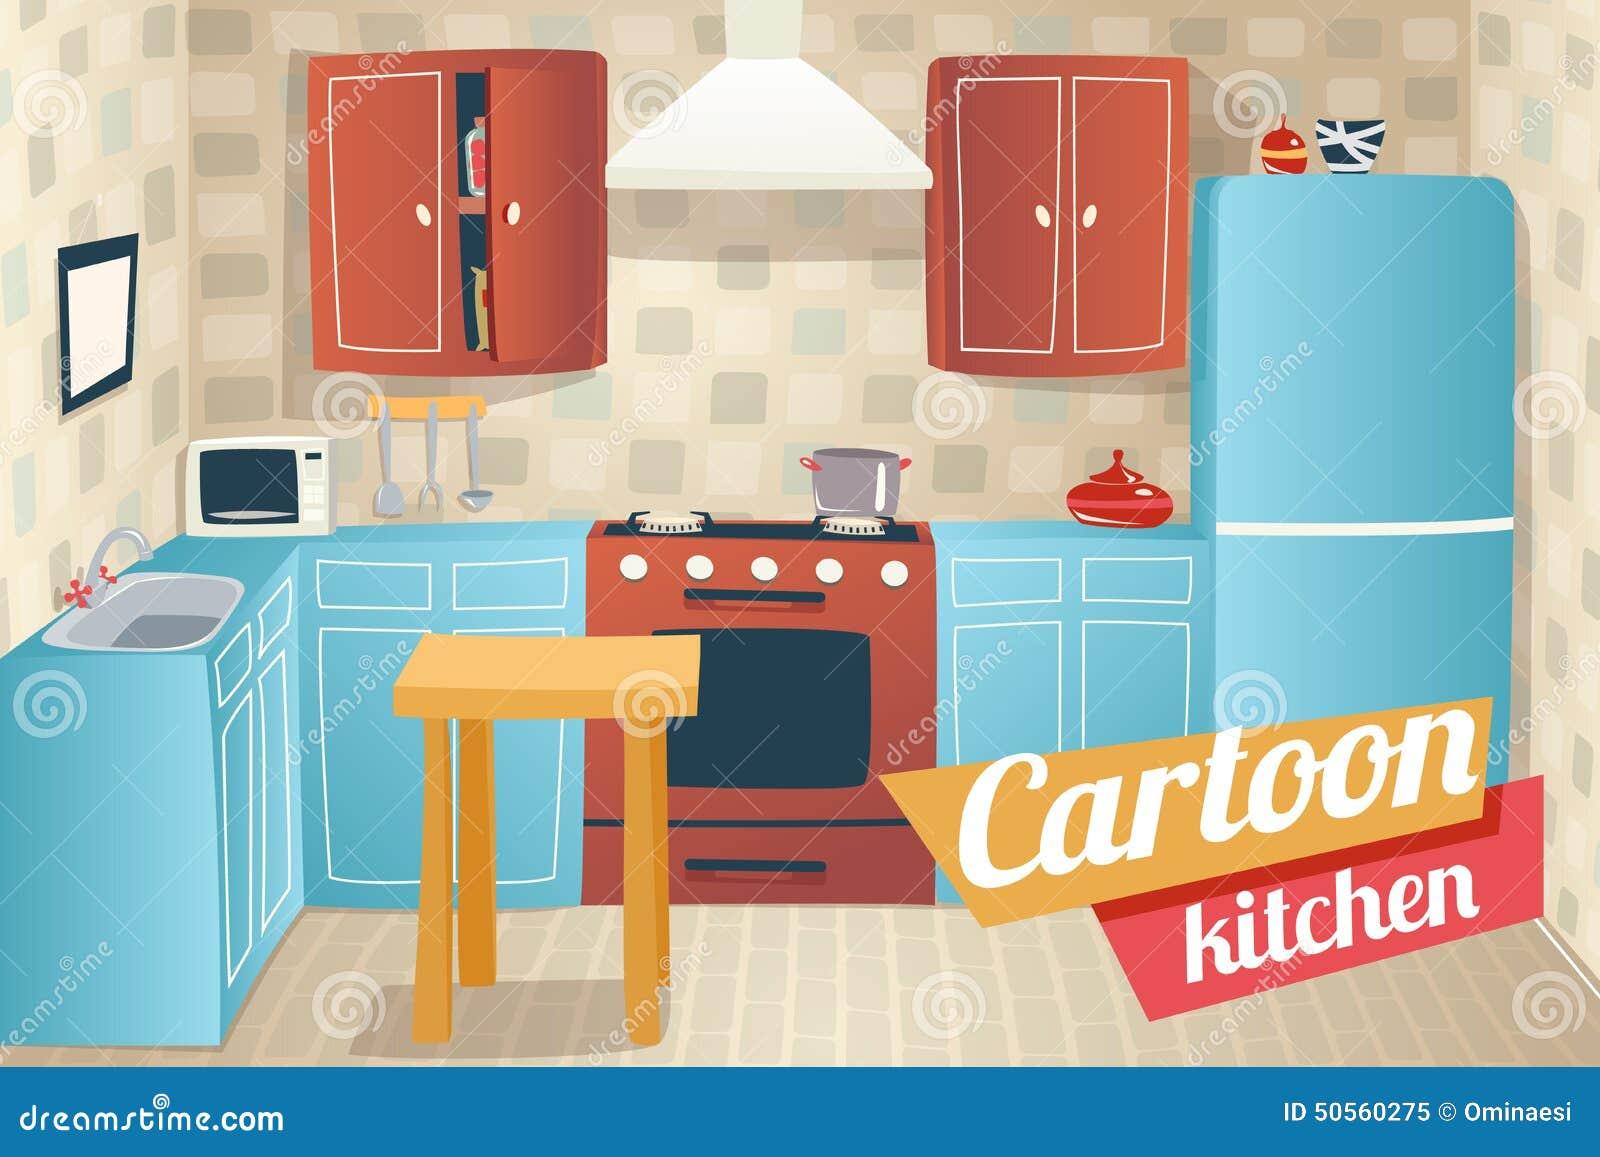 Kitchen furniture accessories interior cartoon stock for Kitchen set 2d